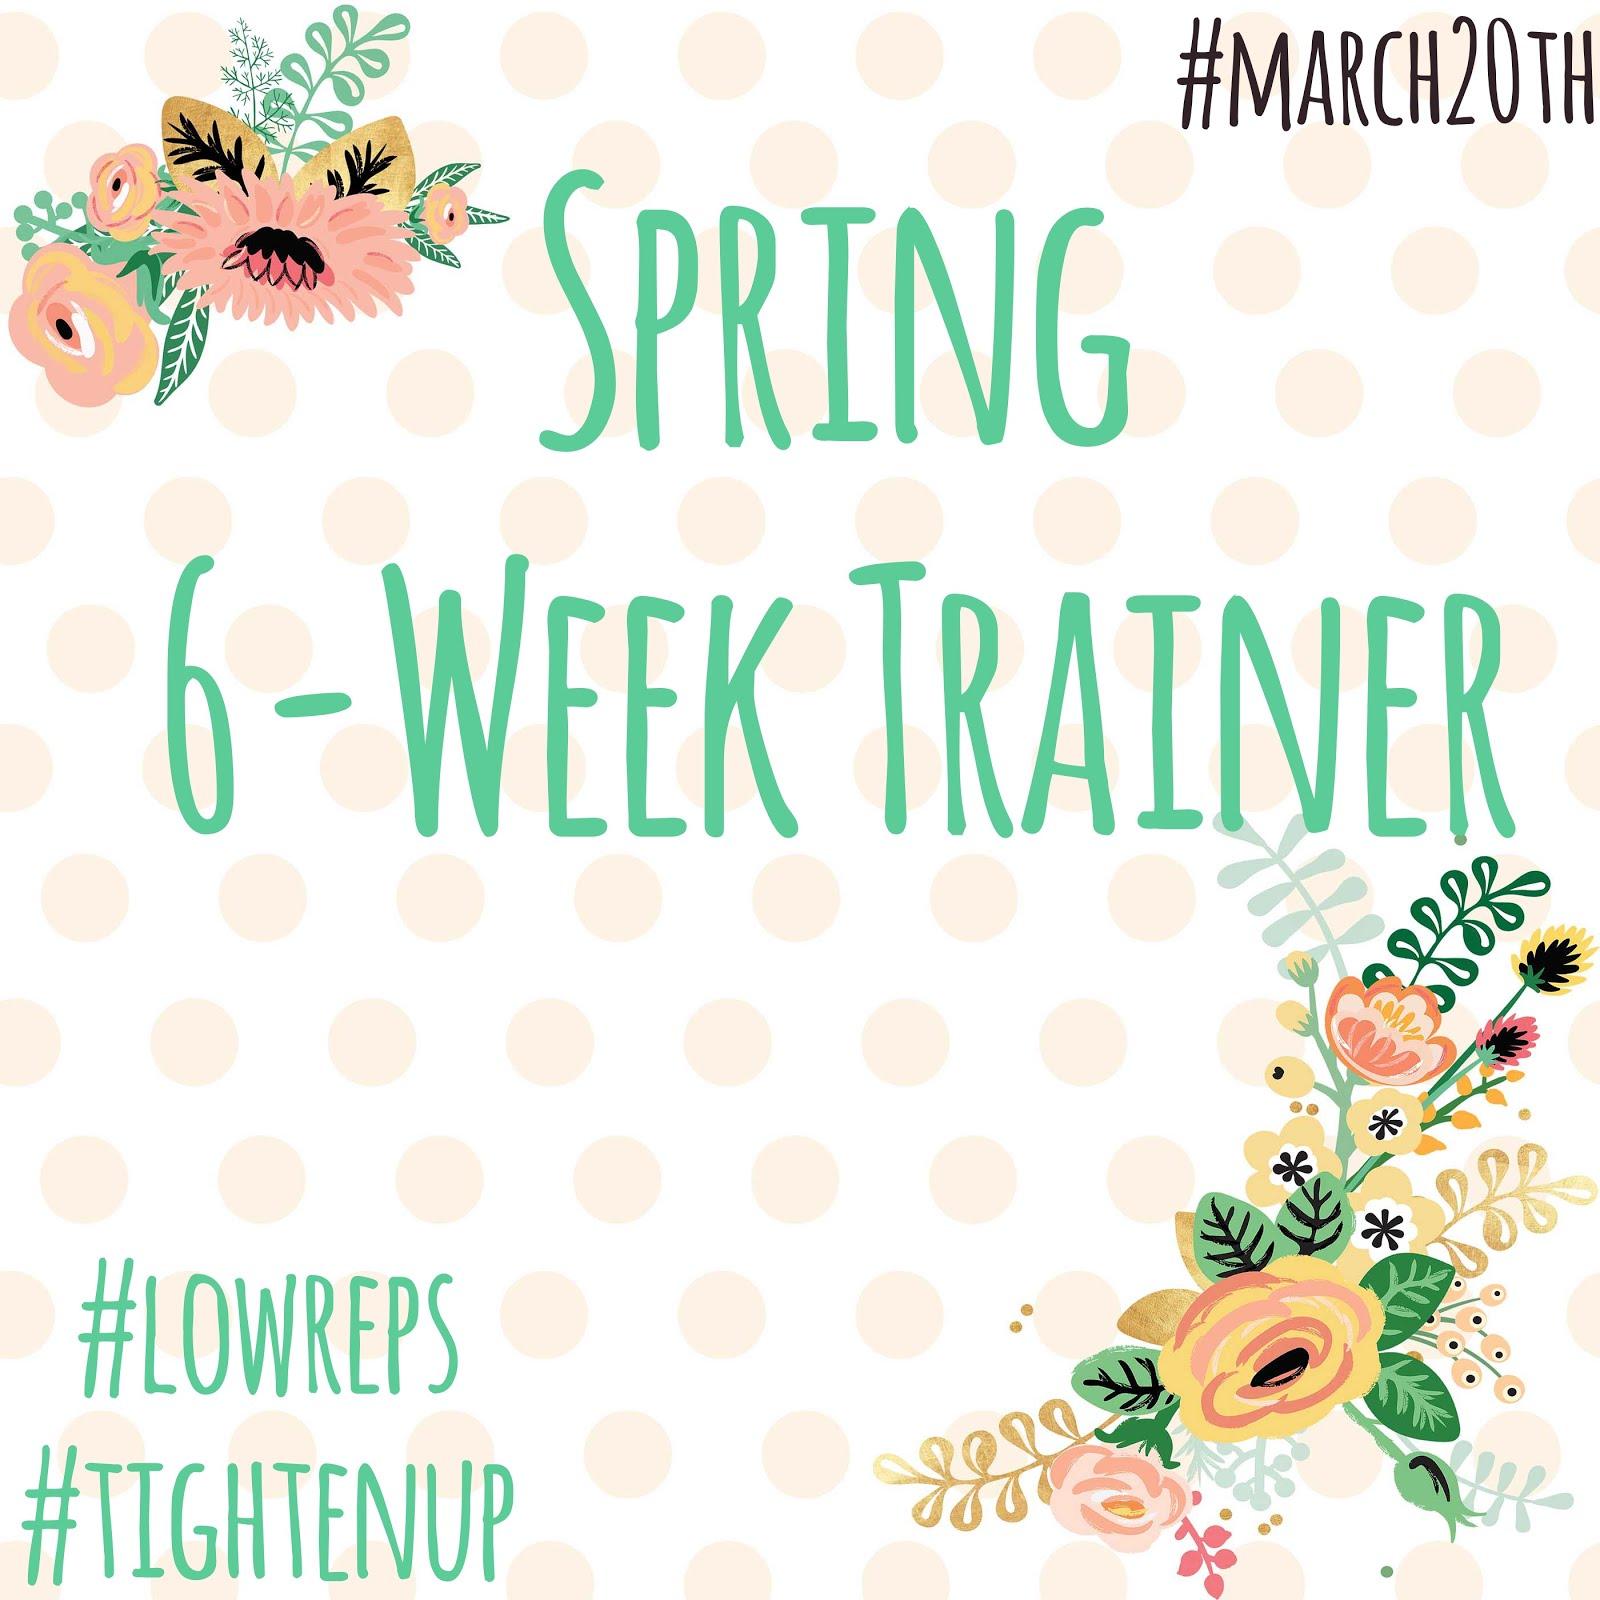 Spring 6-Week Trainer